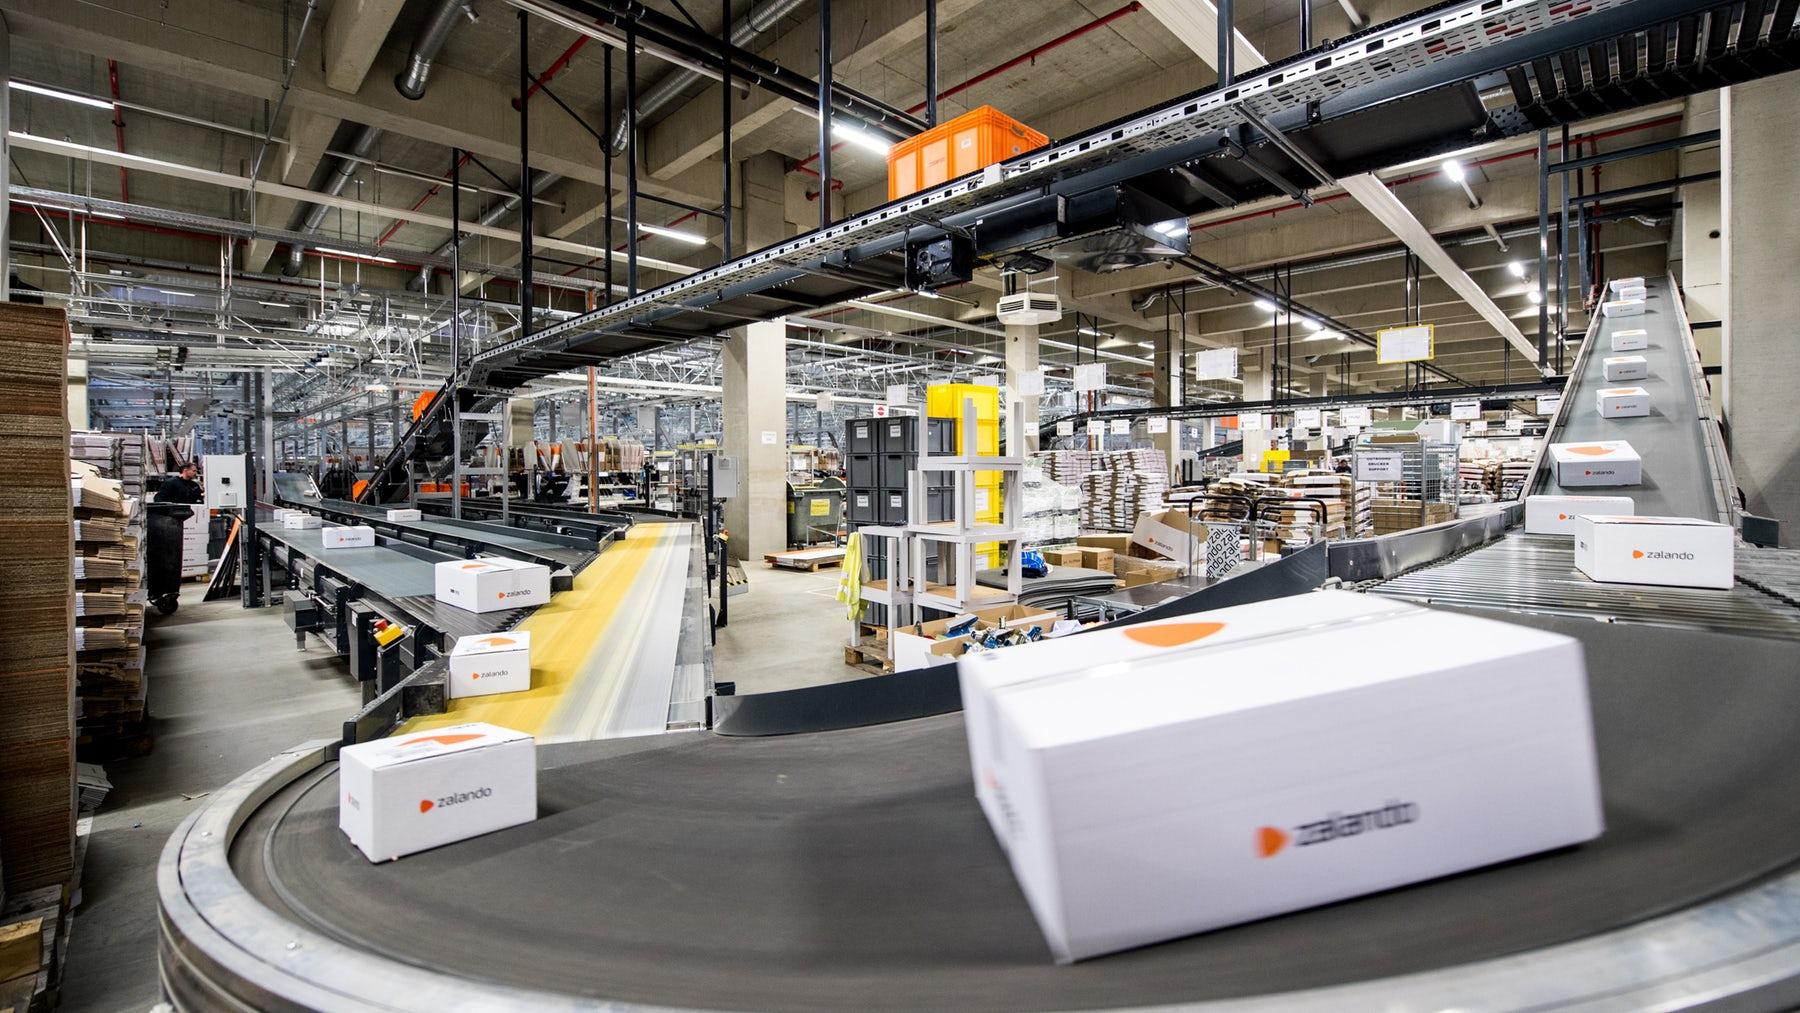 Zalando logistics centre   Source: Courtesy